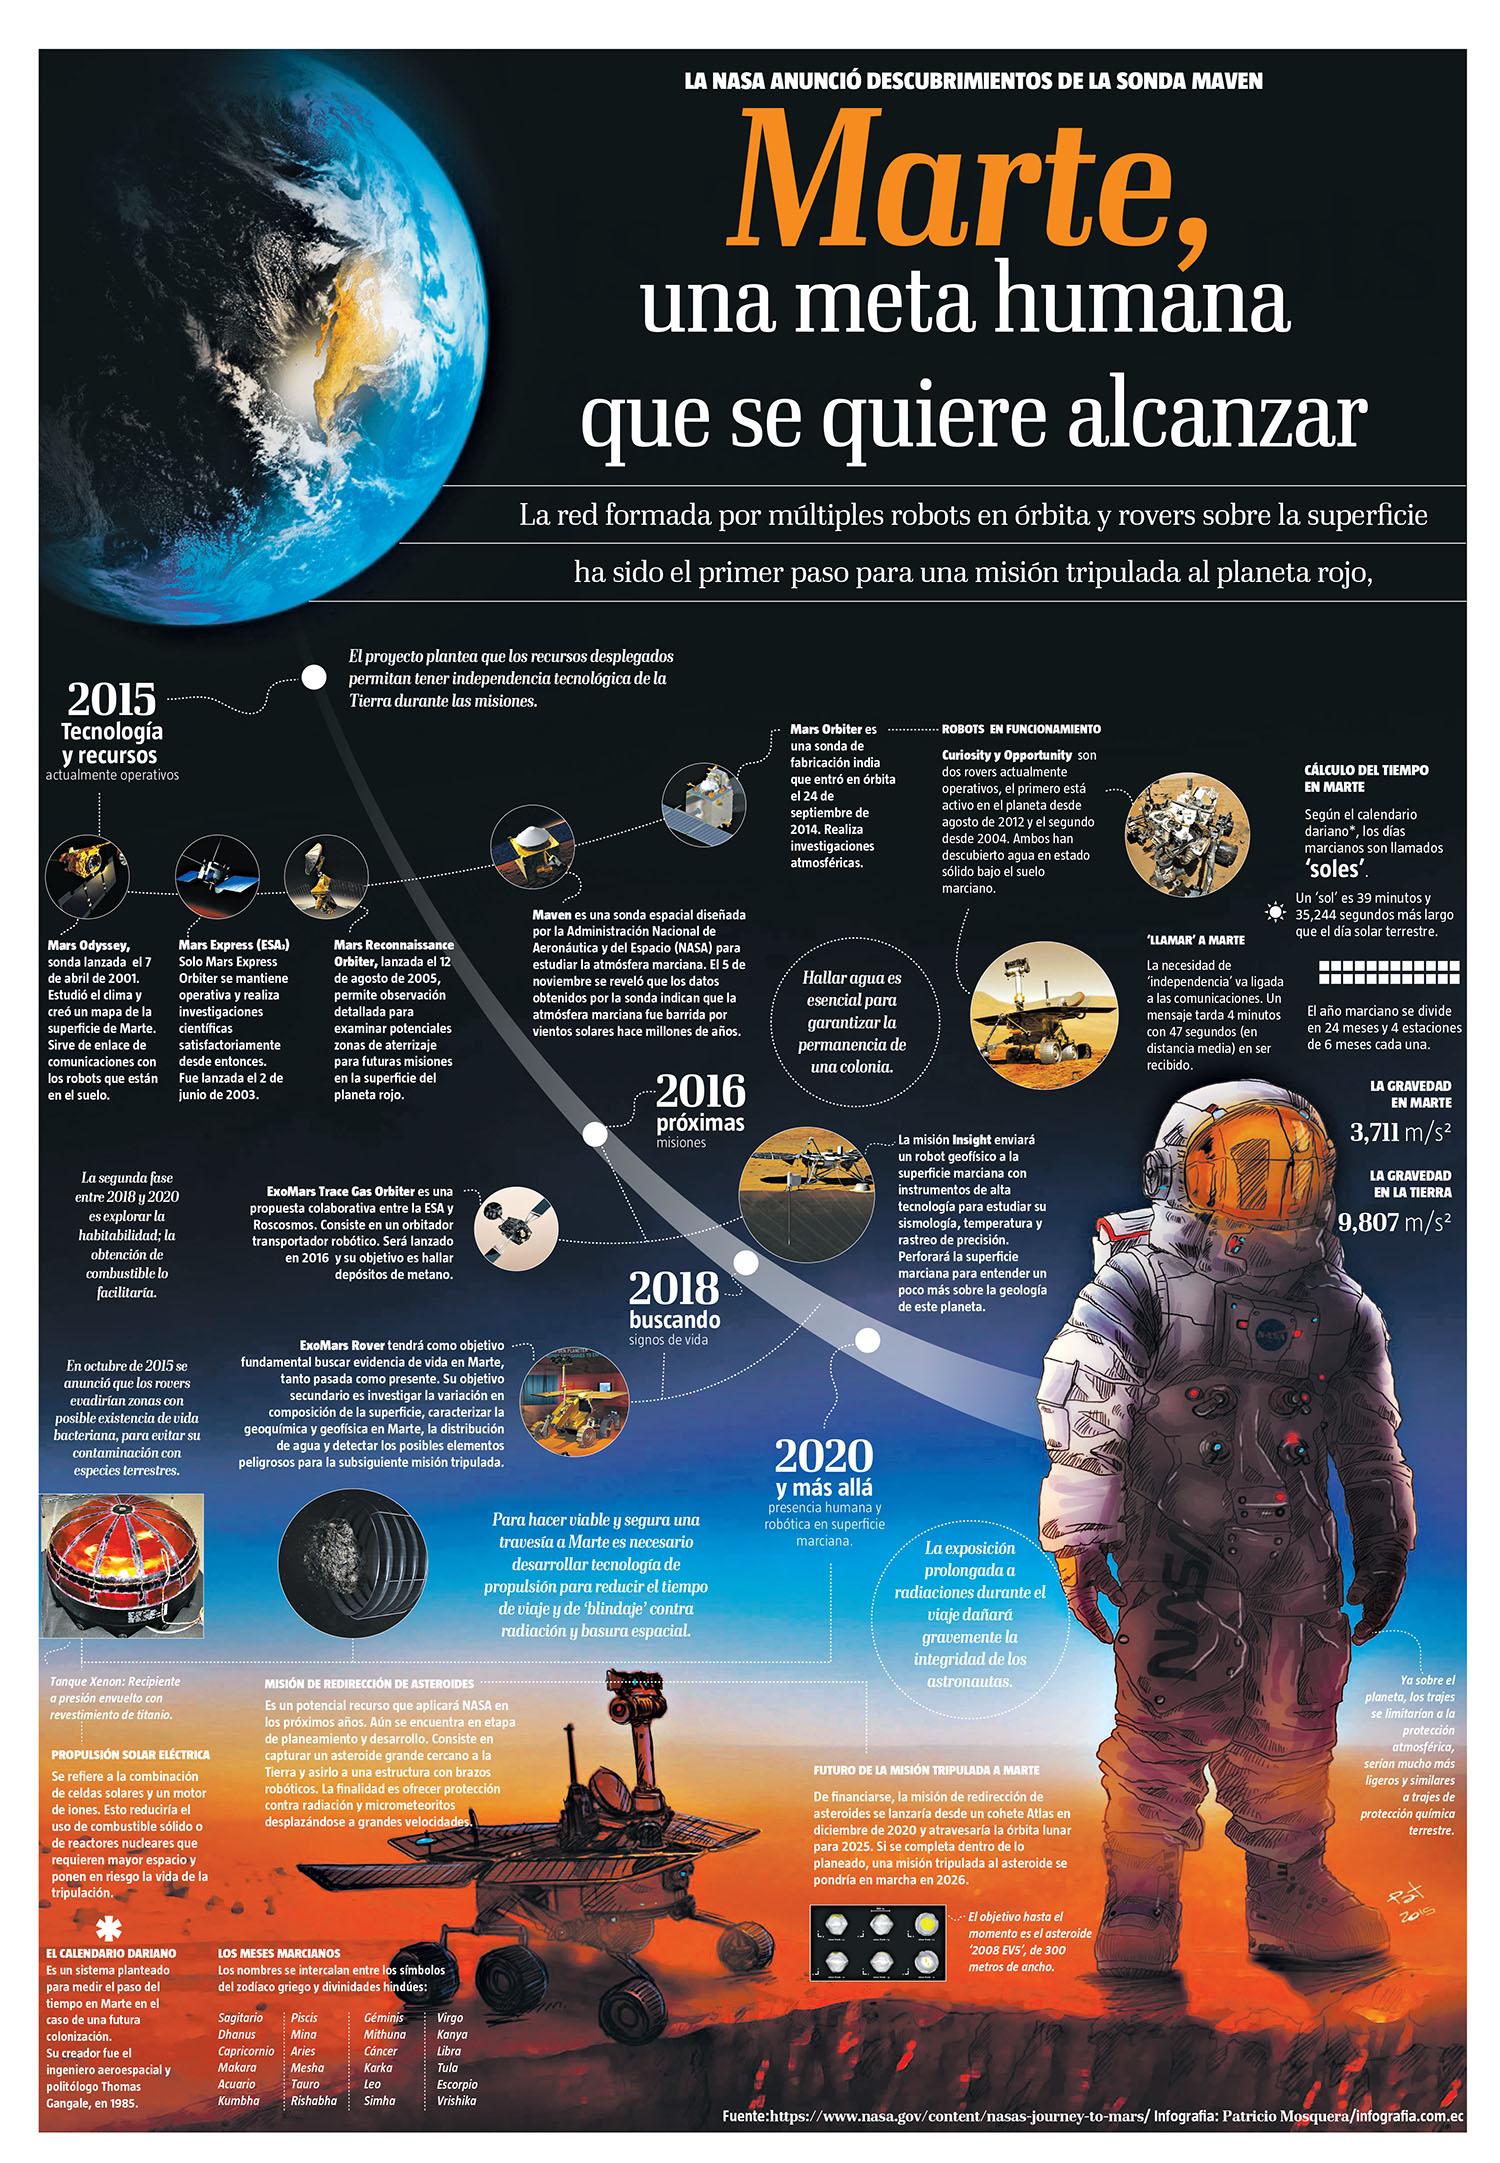 Marte, una meta humana que se quiere alcanzar